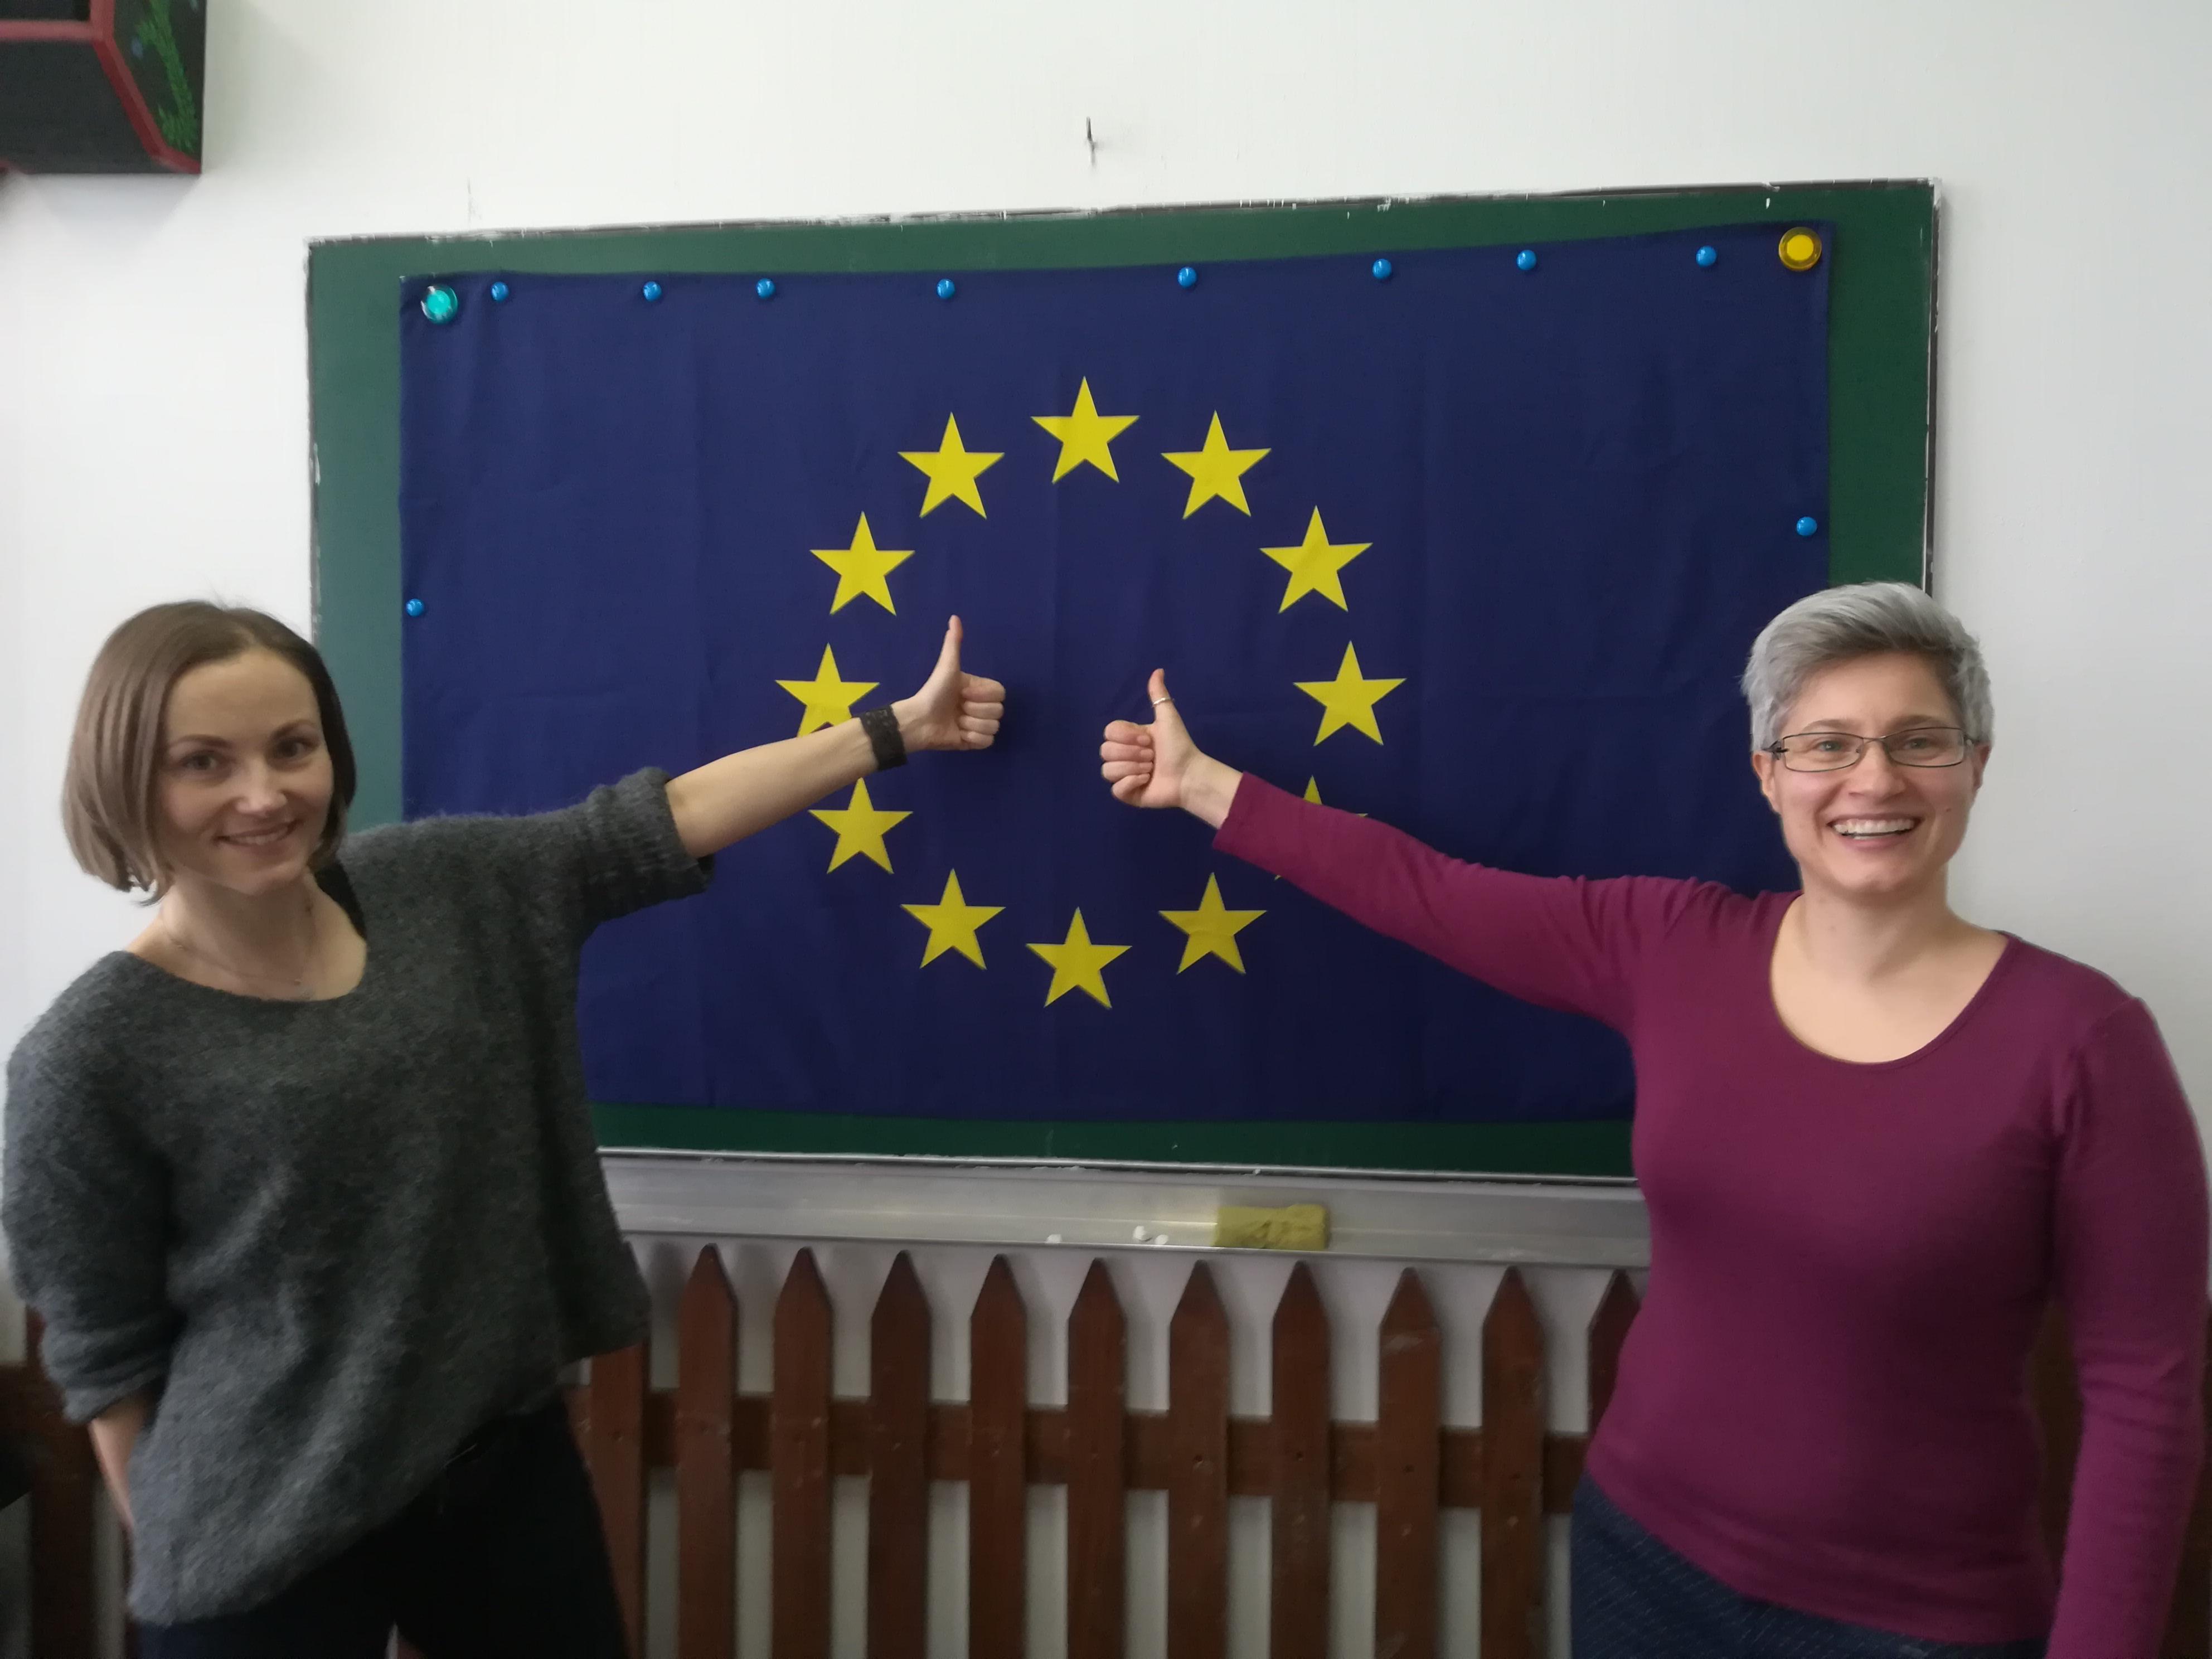 Unii Europejskiej-warsztaty Fundacji im. Roberta Schumana